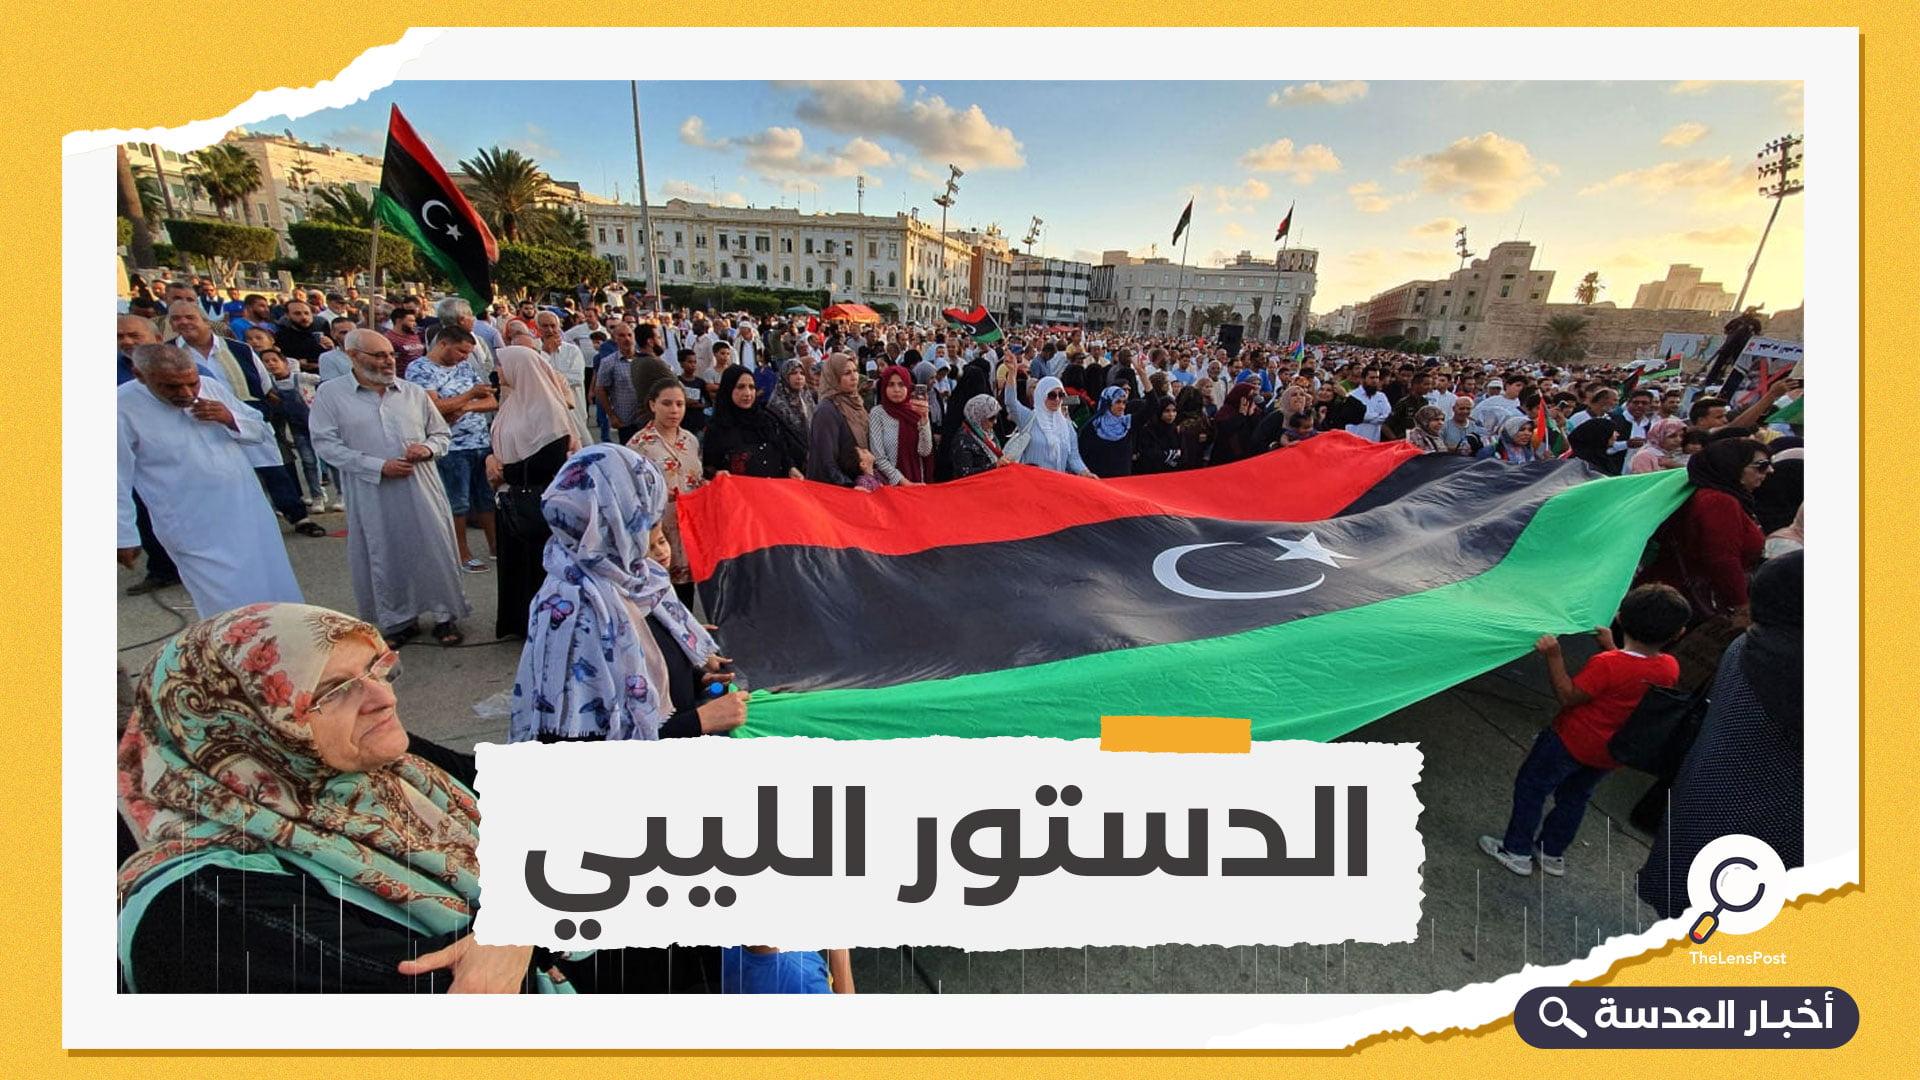 ليبيا.. اللجنة الدستورية تتفق على عقد الانتخابات حال تعذر الاستفتاء الدستوري